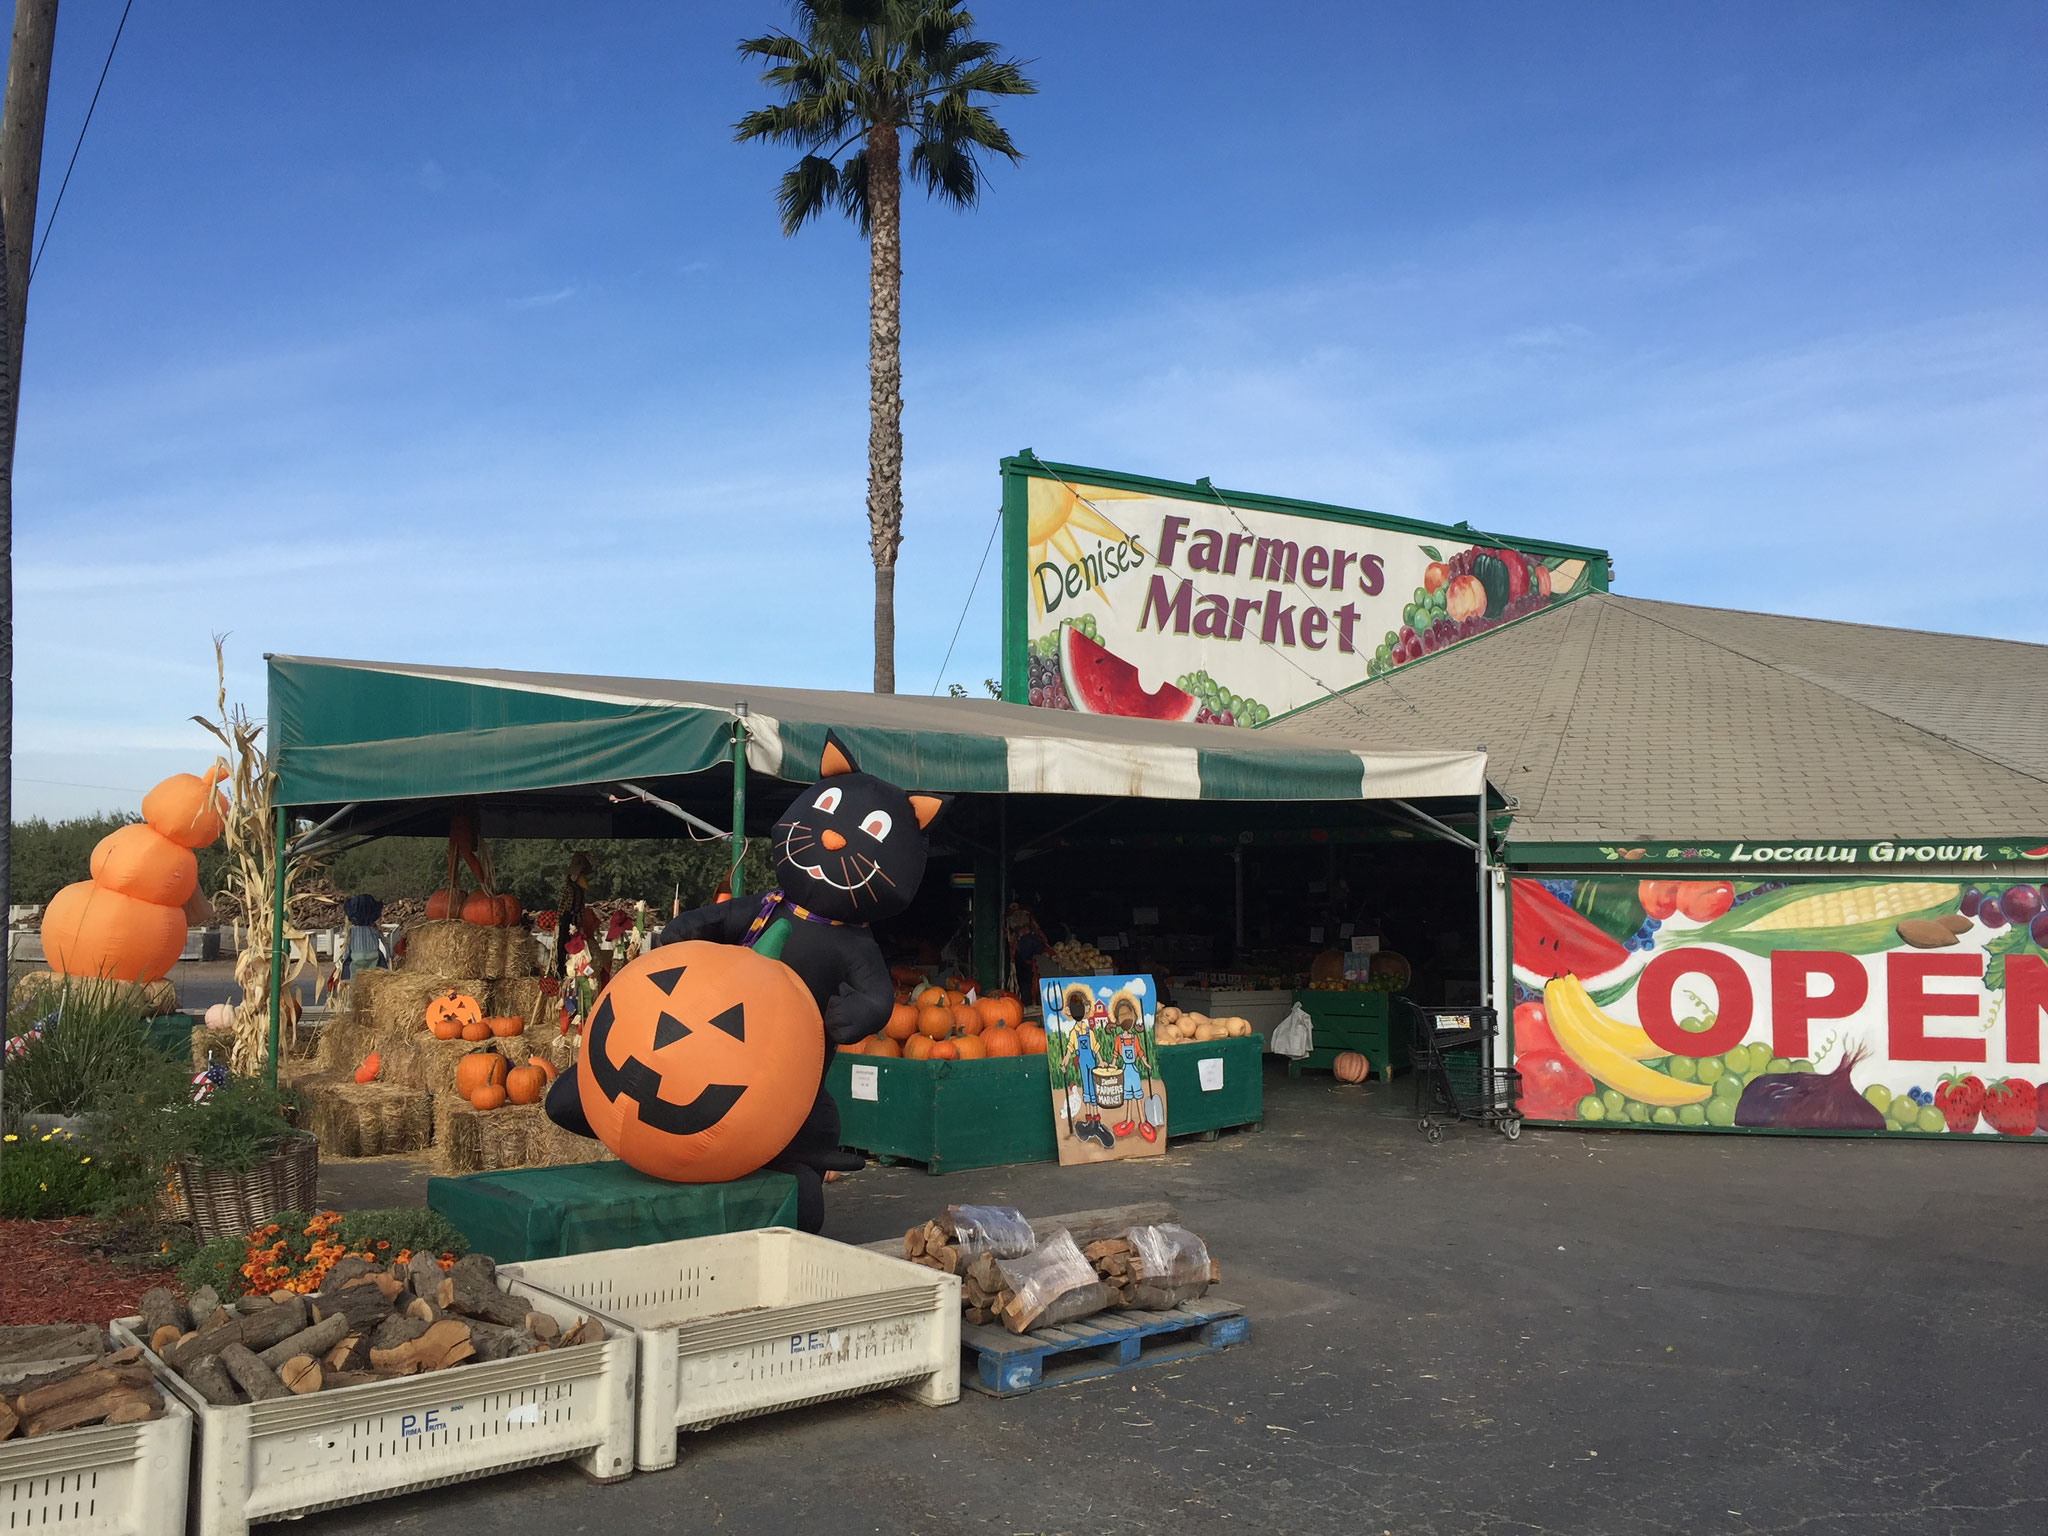 広大な果樹園で作った野菜・果物を売っているマーケット(カリフォルニア州)